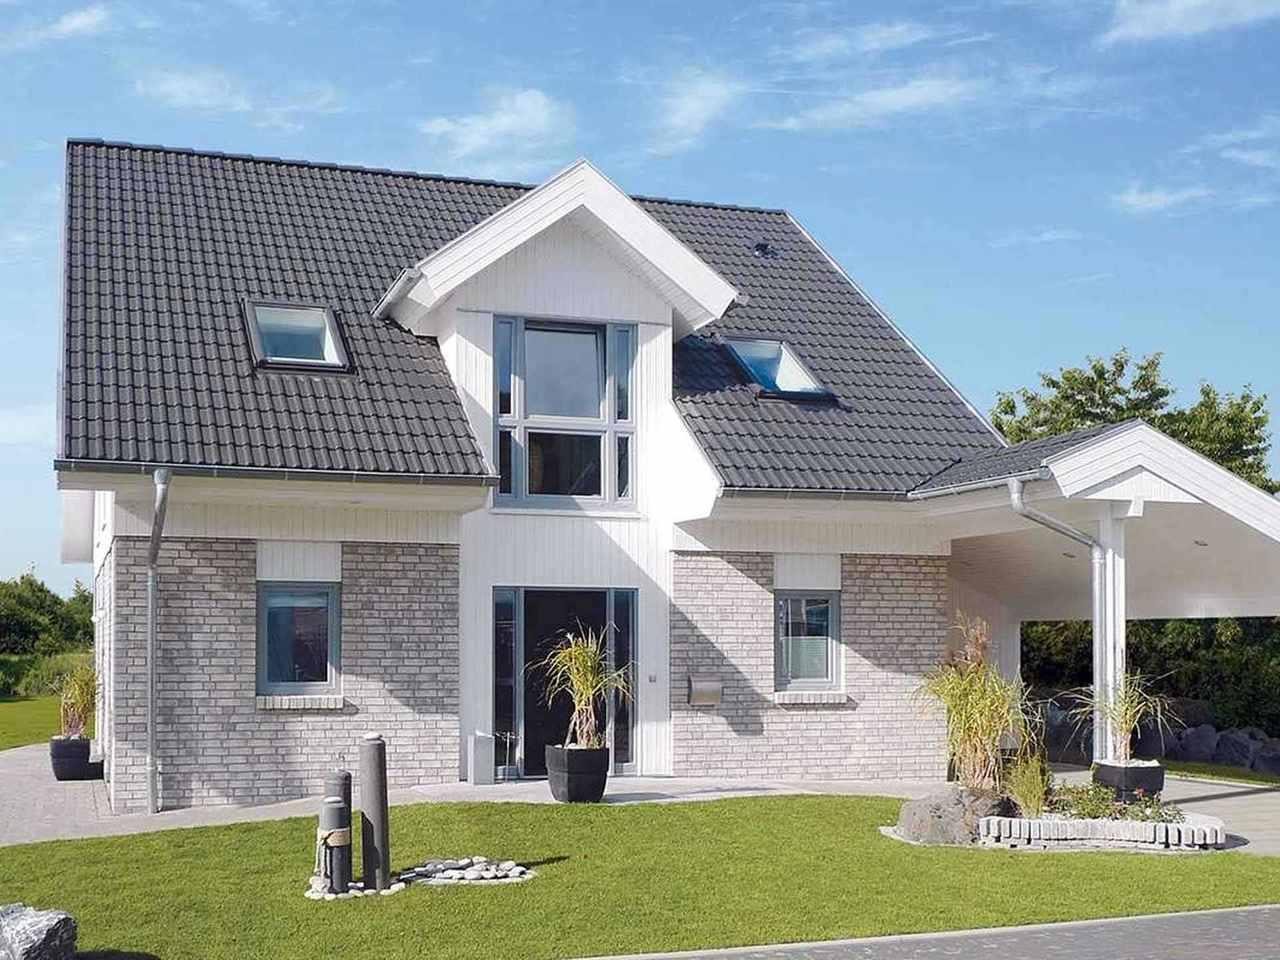 Musterhaus Adelby - Danhaus